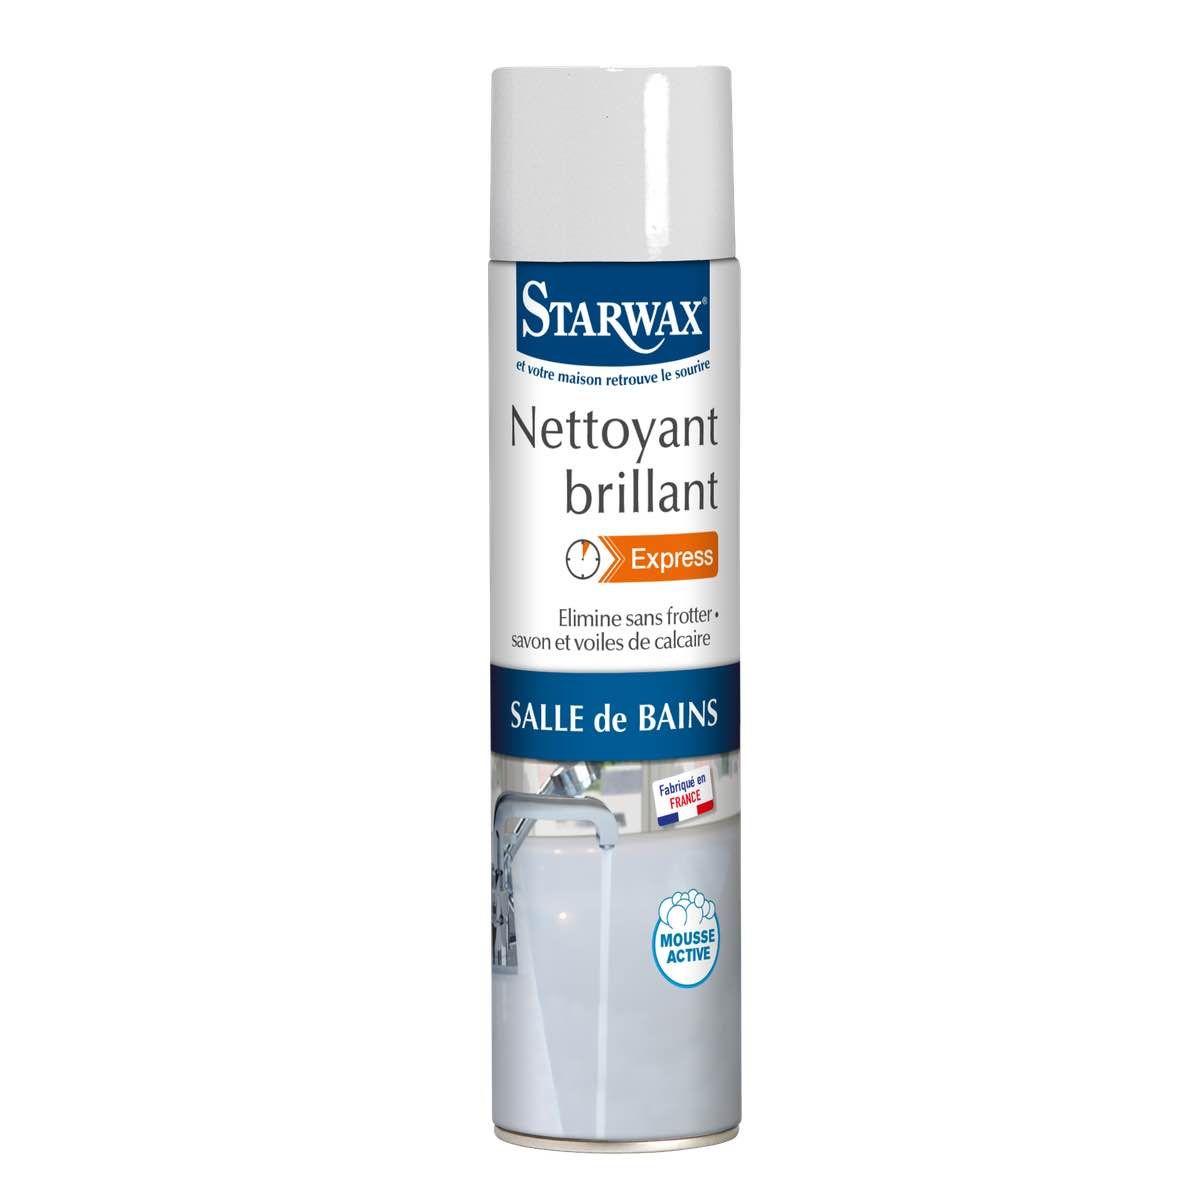 Produits Dentetien Pour La Salle De Bain Starwax - Bicarbonate de soude nettoyage salle de bain